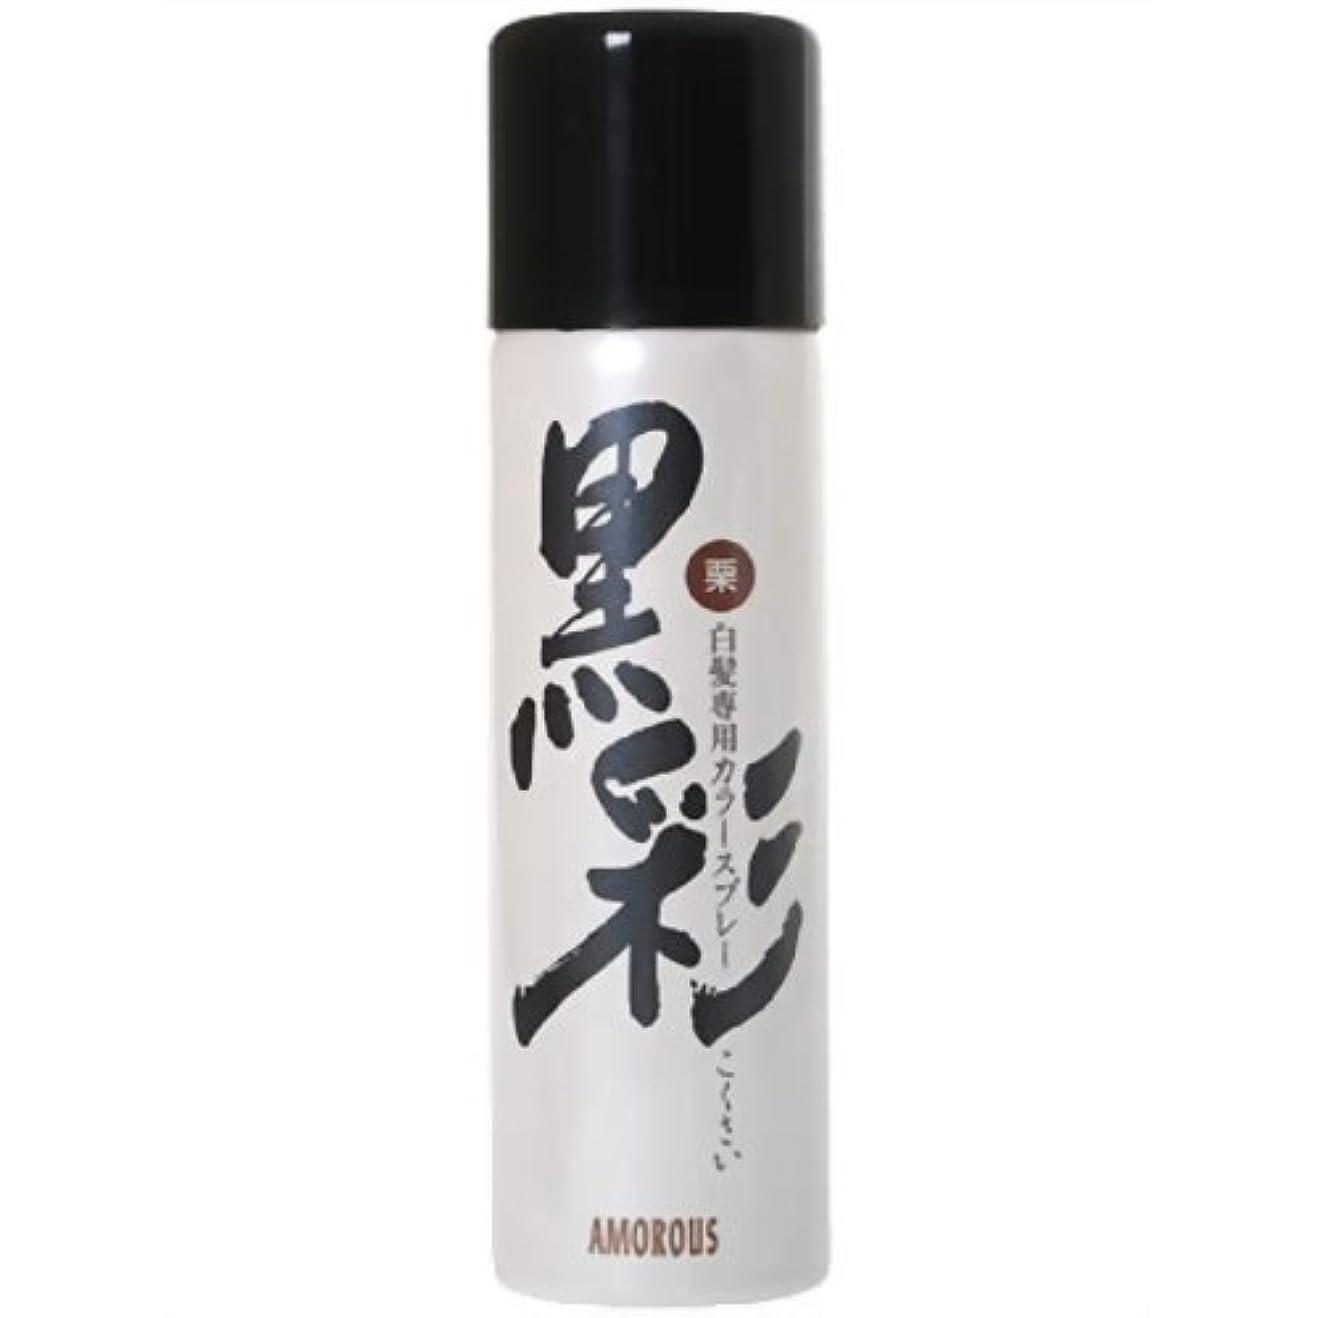 シリングナチュラ眉をひそめる堀井薬品 黒彩 ダーリングカラースプレー 76-A